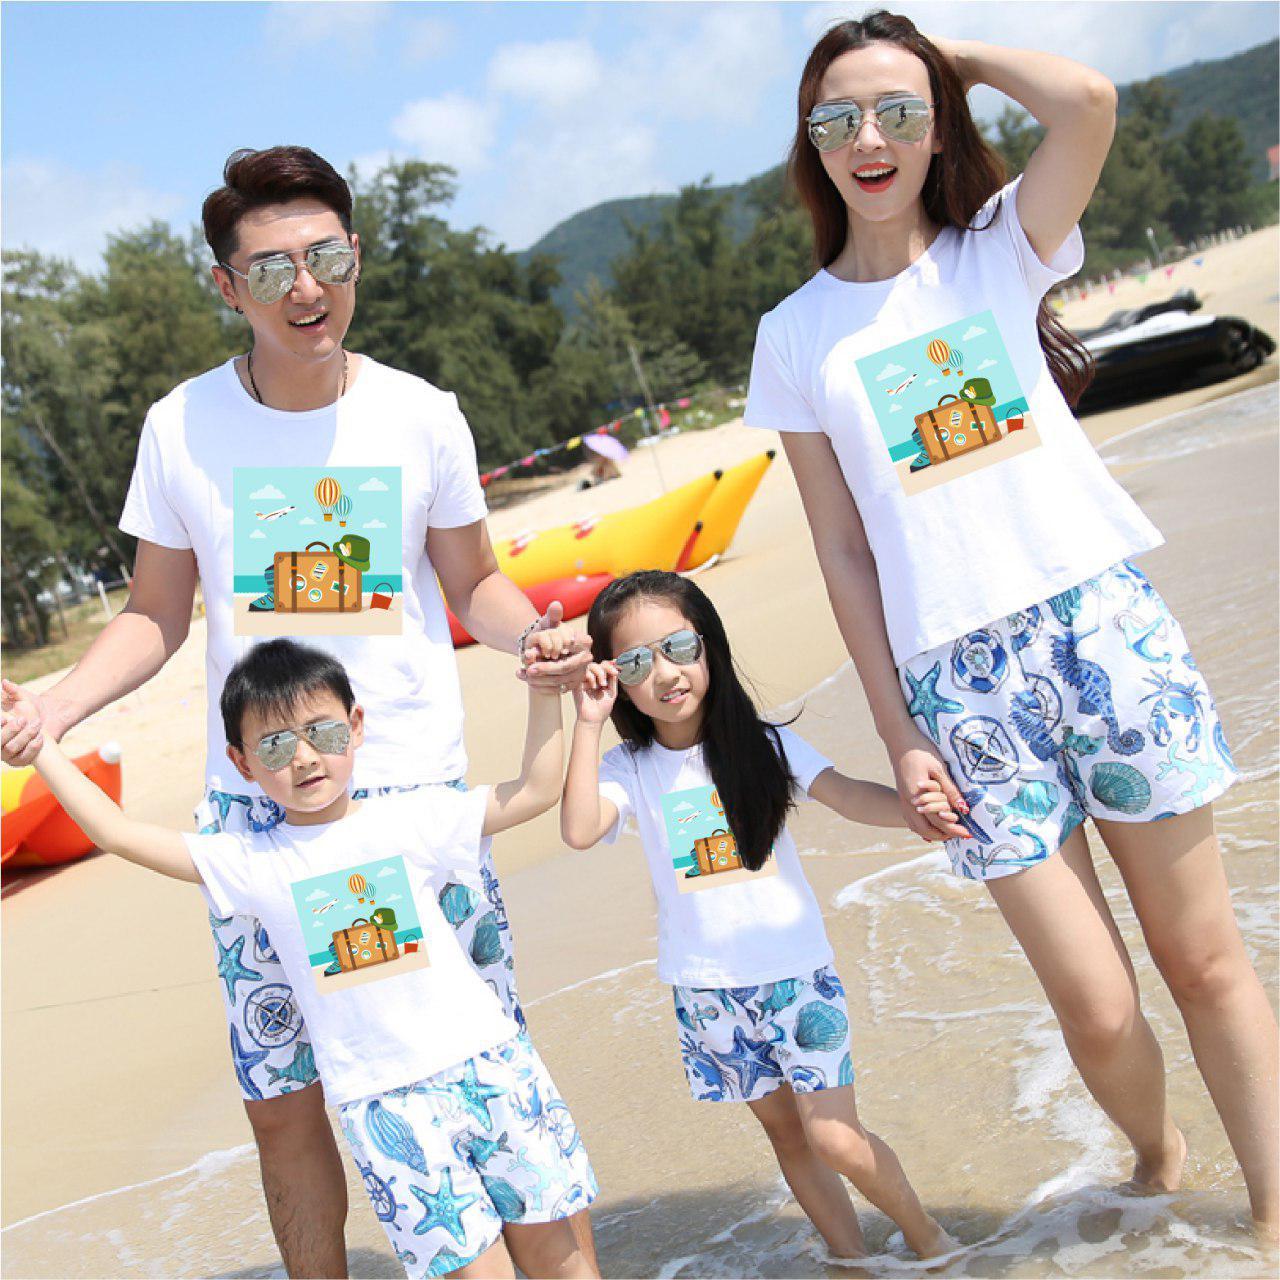 Áo gia đình mùa hè Mùa hè ước mong